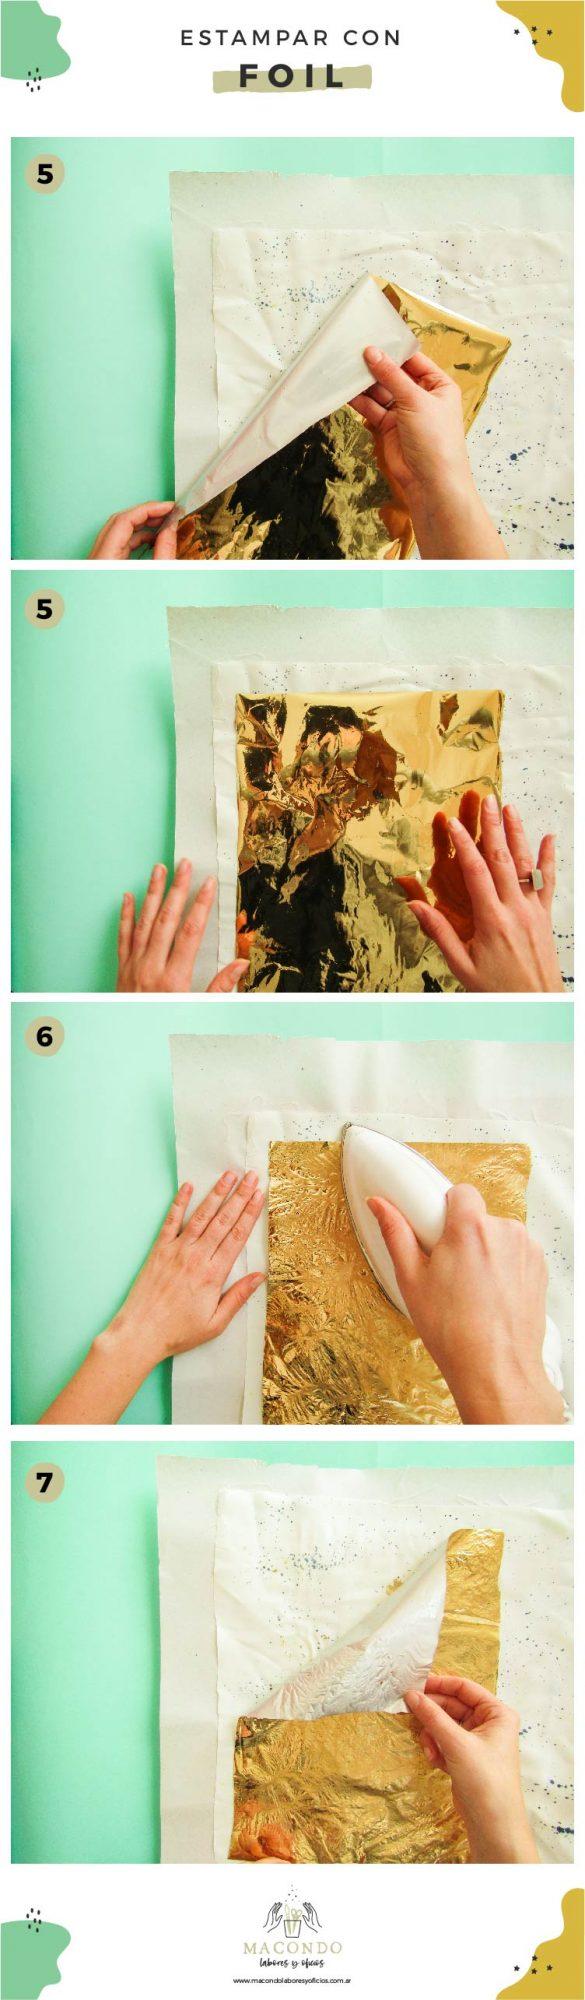 Aplicar dorado y metalizados en estampas